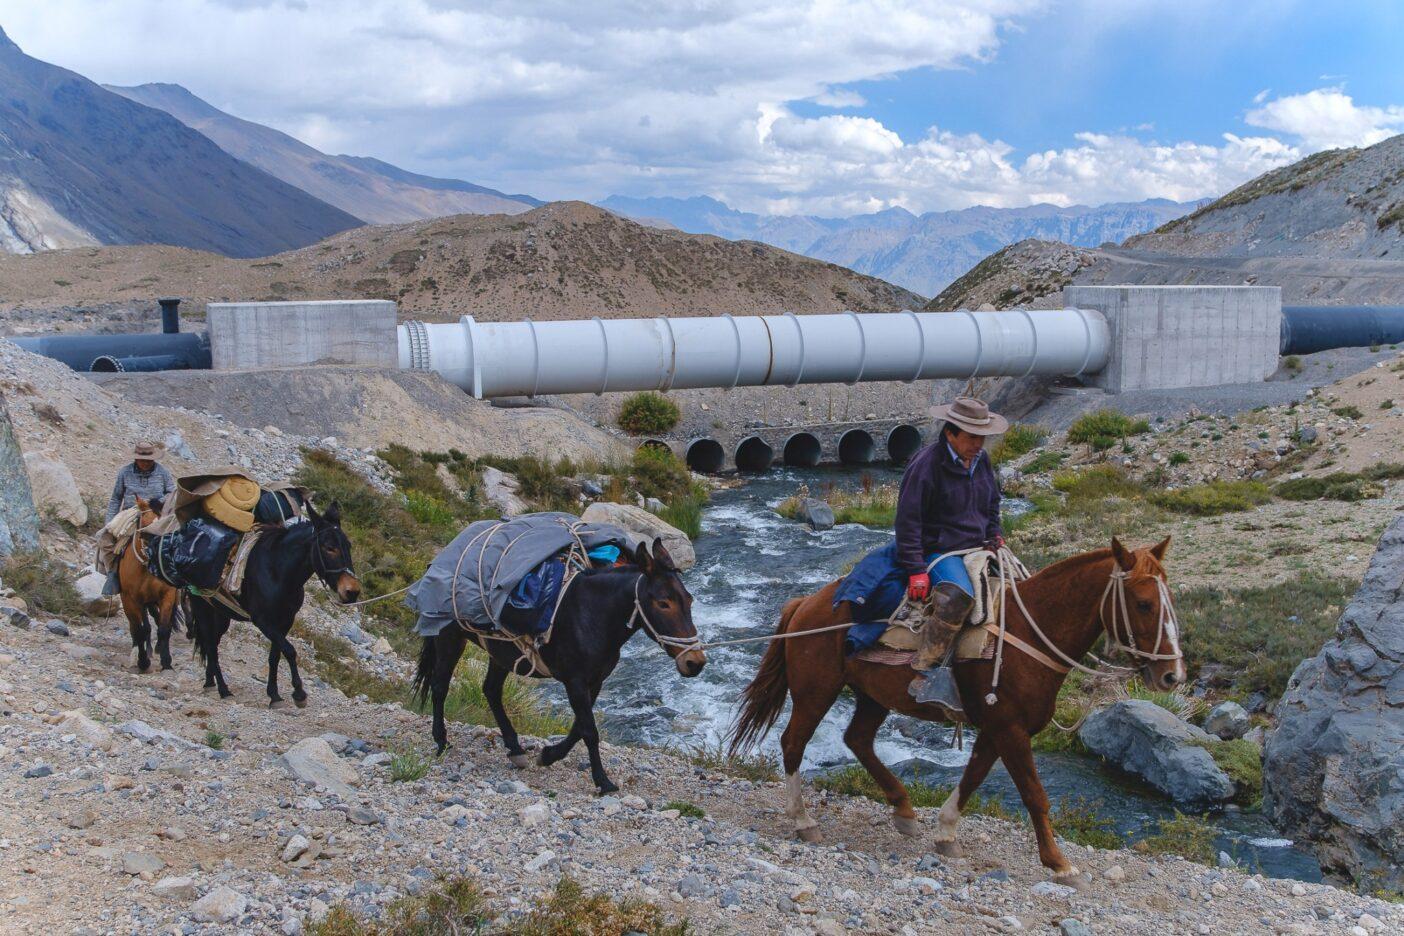 マイポ渓谷には何世代にもわたる乗馬の伝統がある。ラバ追いはかつて手付かずだった景観へのアルト・マイポの影響を目の当たりにしてきた。チリ、マイポ渓谷のラグナ・ロ・エンカナド地域。写真:Rodrigo Manns